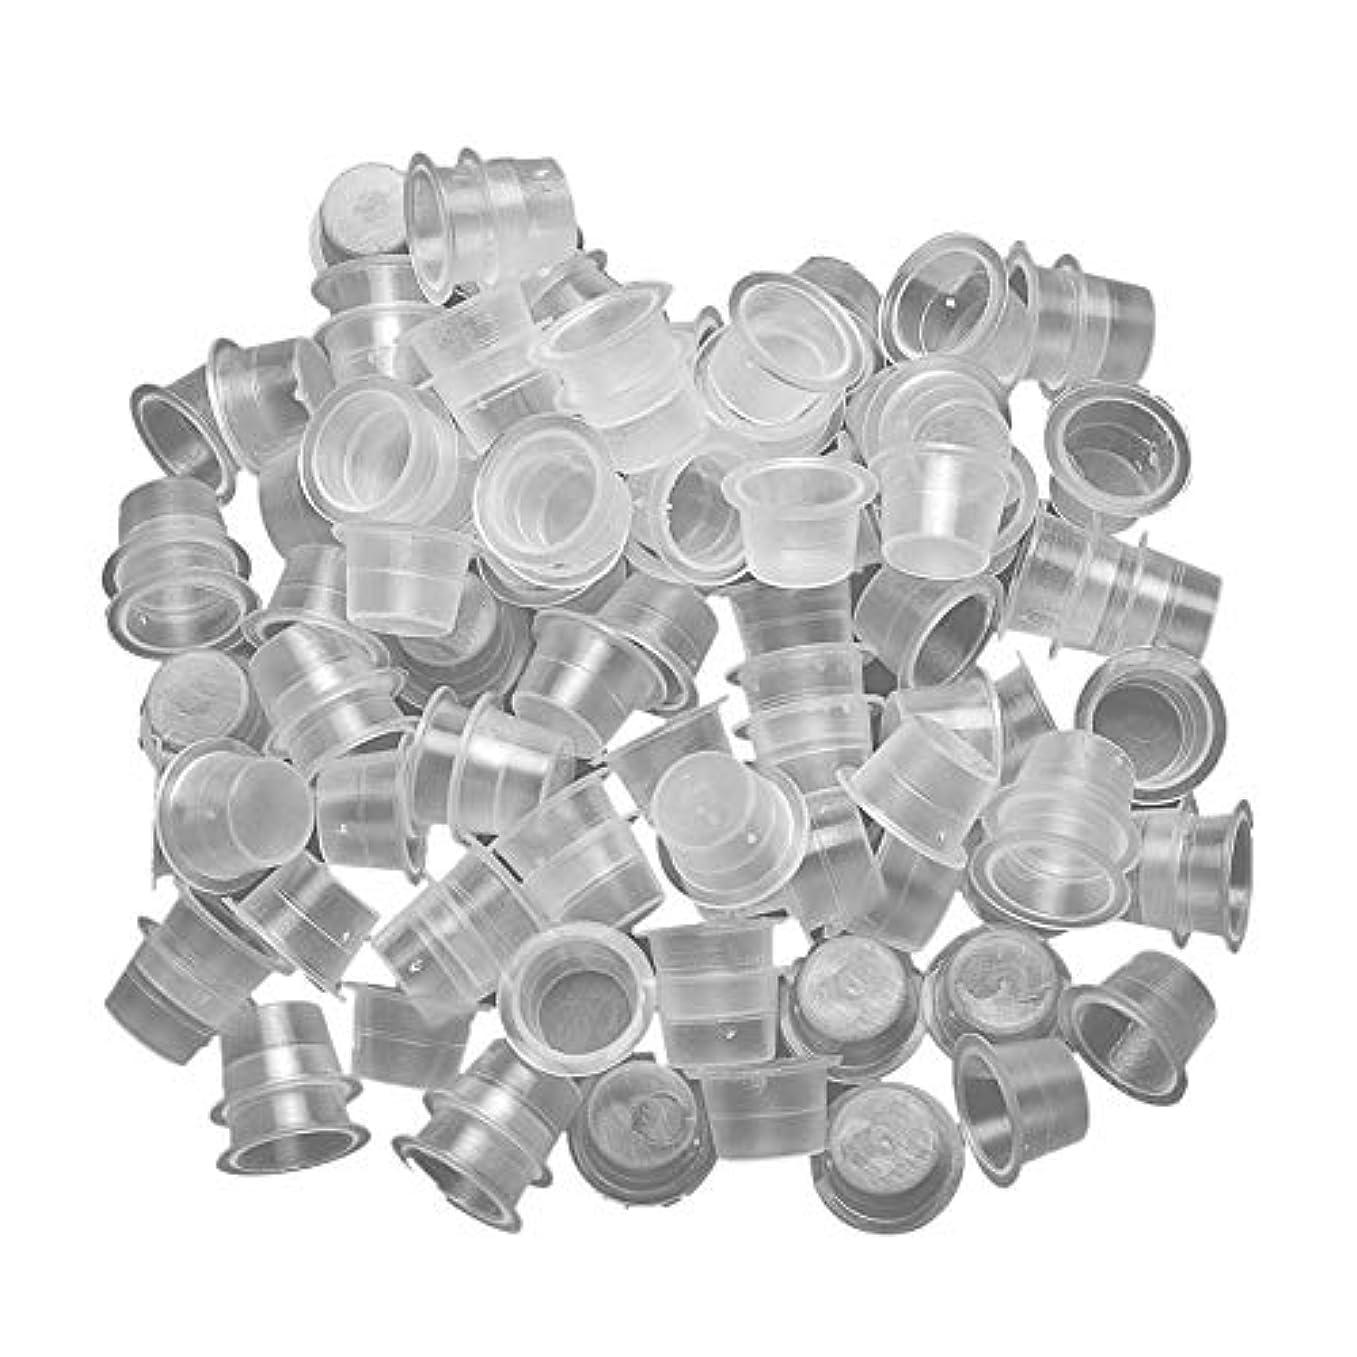 留め金ディスカウント複製する入れ墨キャップ カップ 約1000個 使い捨てプラスチック 入れ墨顔料カップ